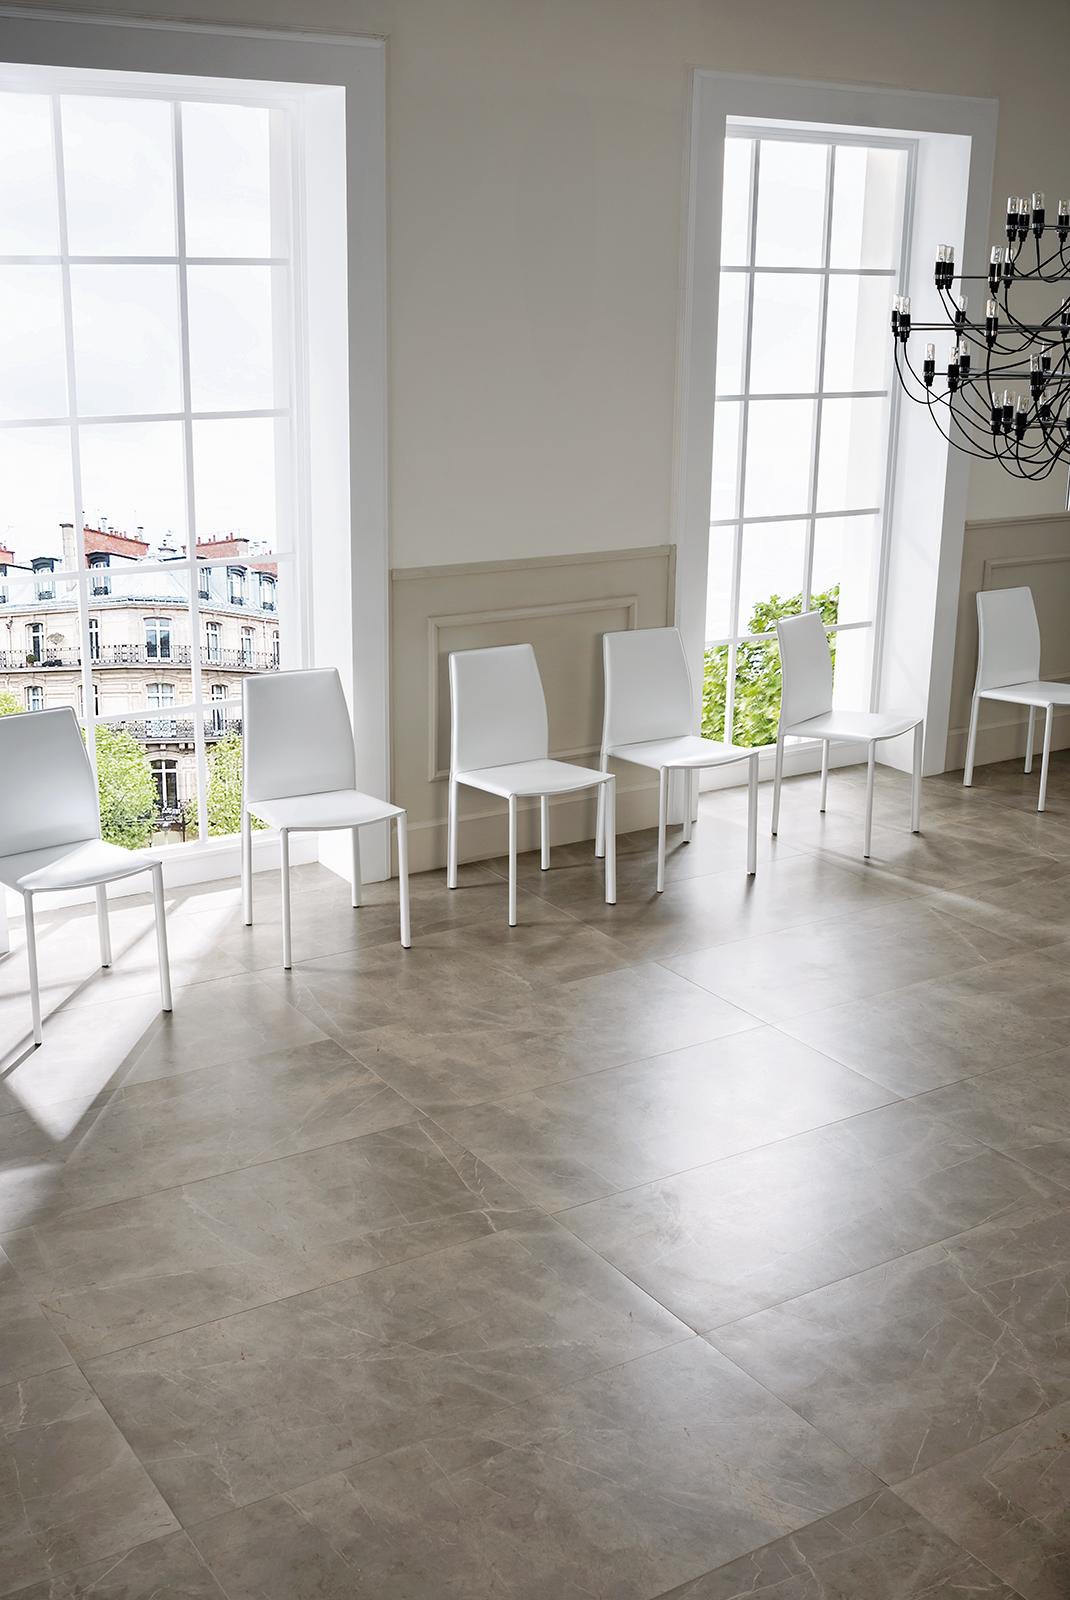 Evolutionmarble gres porcellanato effetto marmo marazzi for Piastrelle bianche lucide pavimento